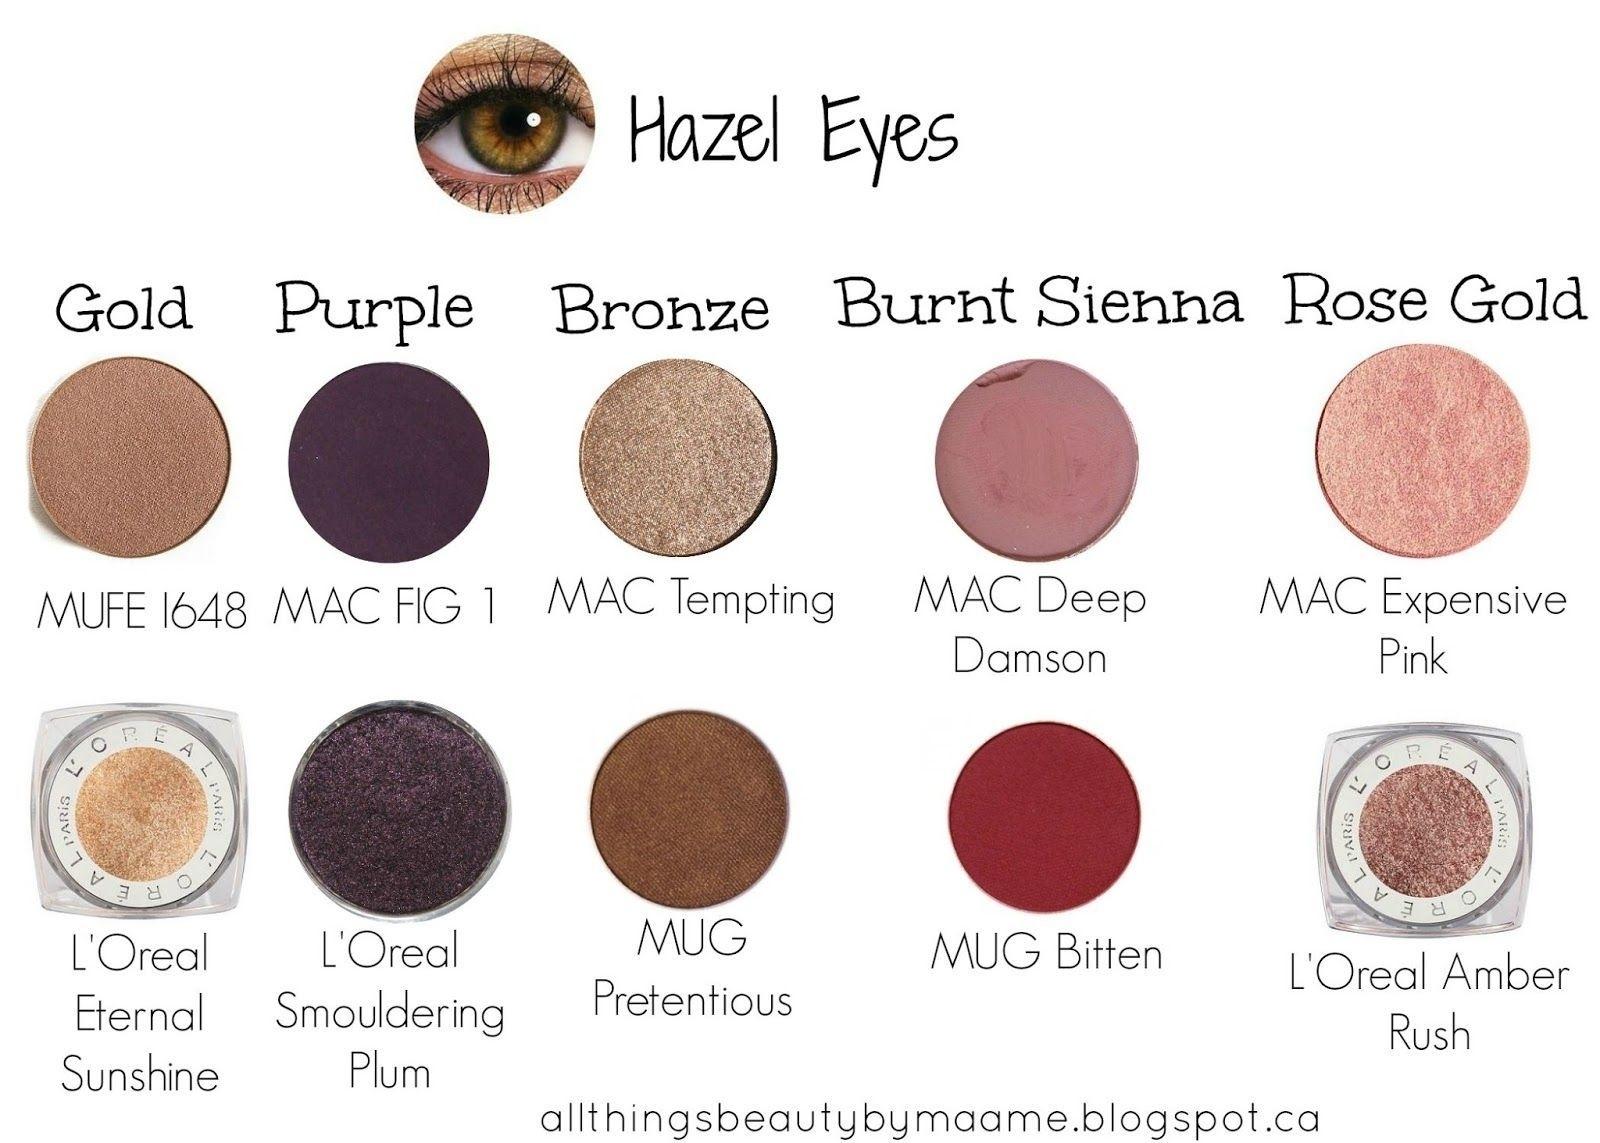 Mac Makeup For Hazel Eyes | Saubhaya Makeup intended for Best Mac Makeup For Hazel Eyes